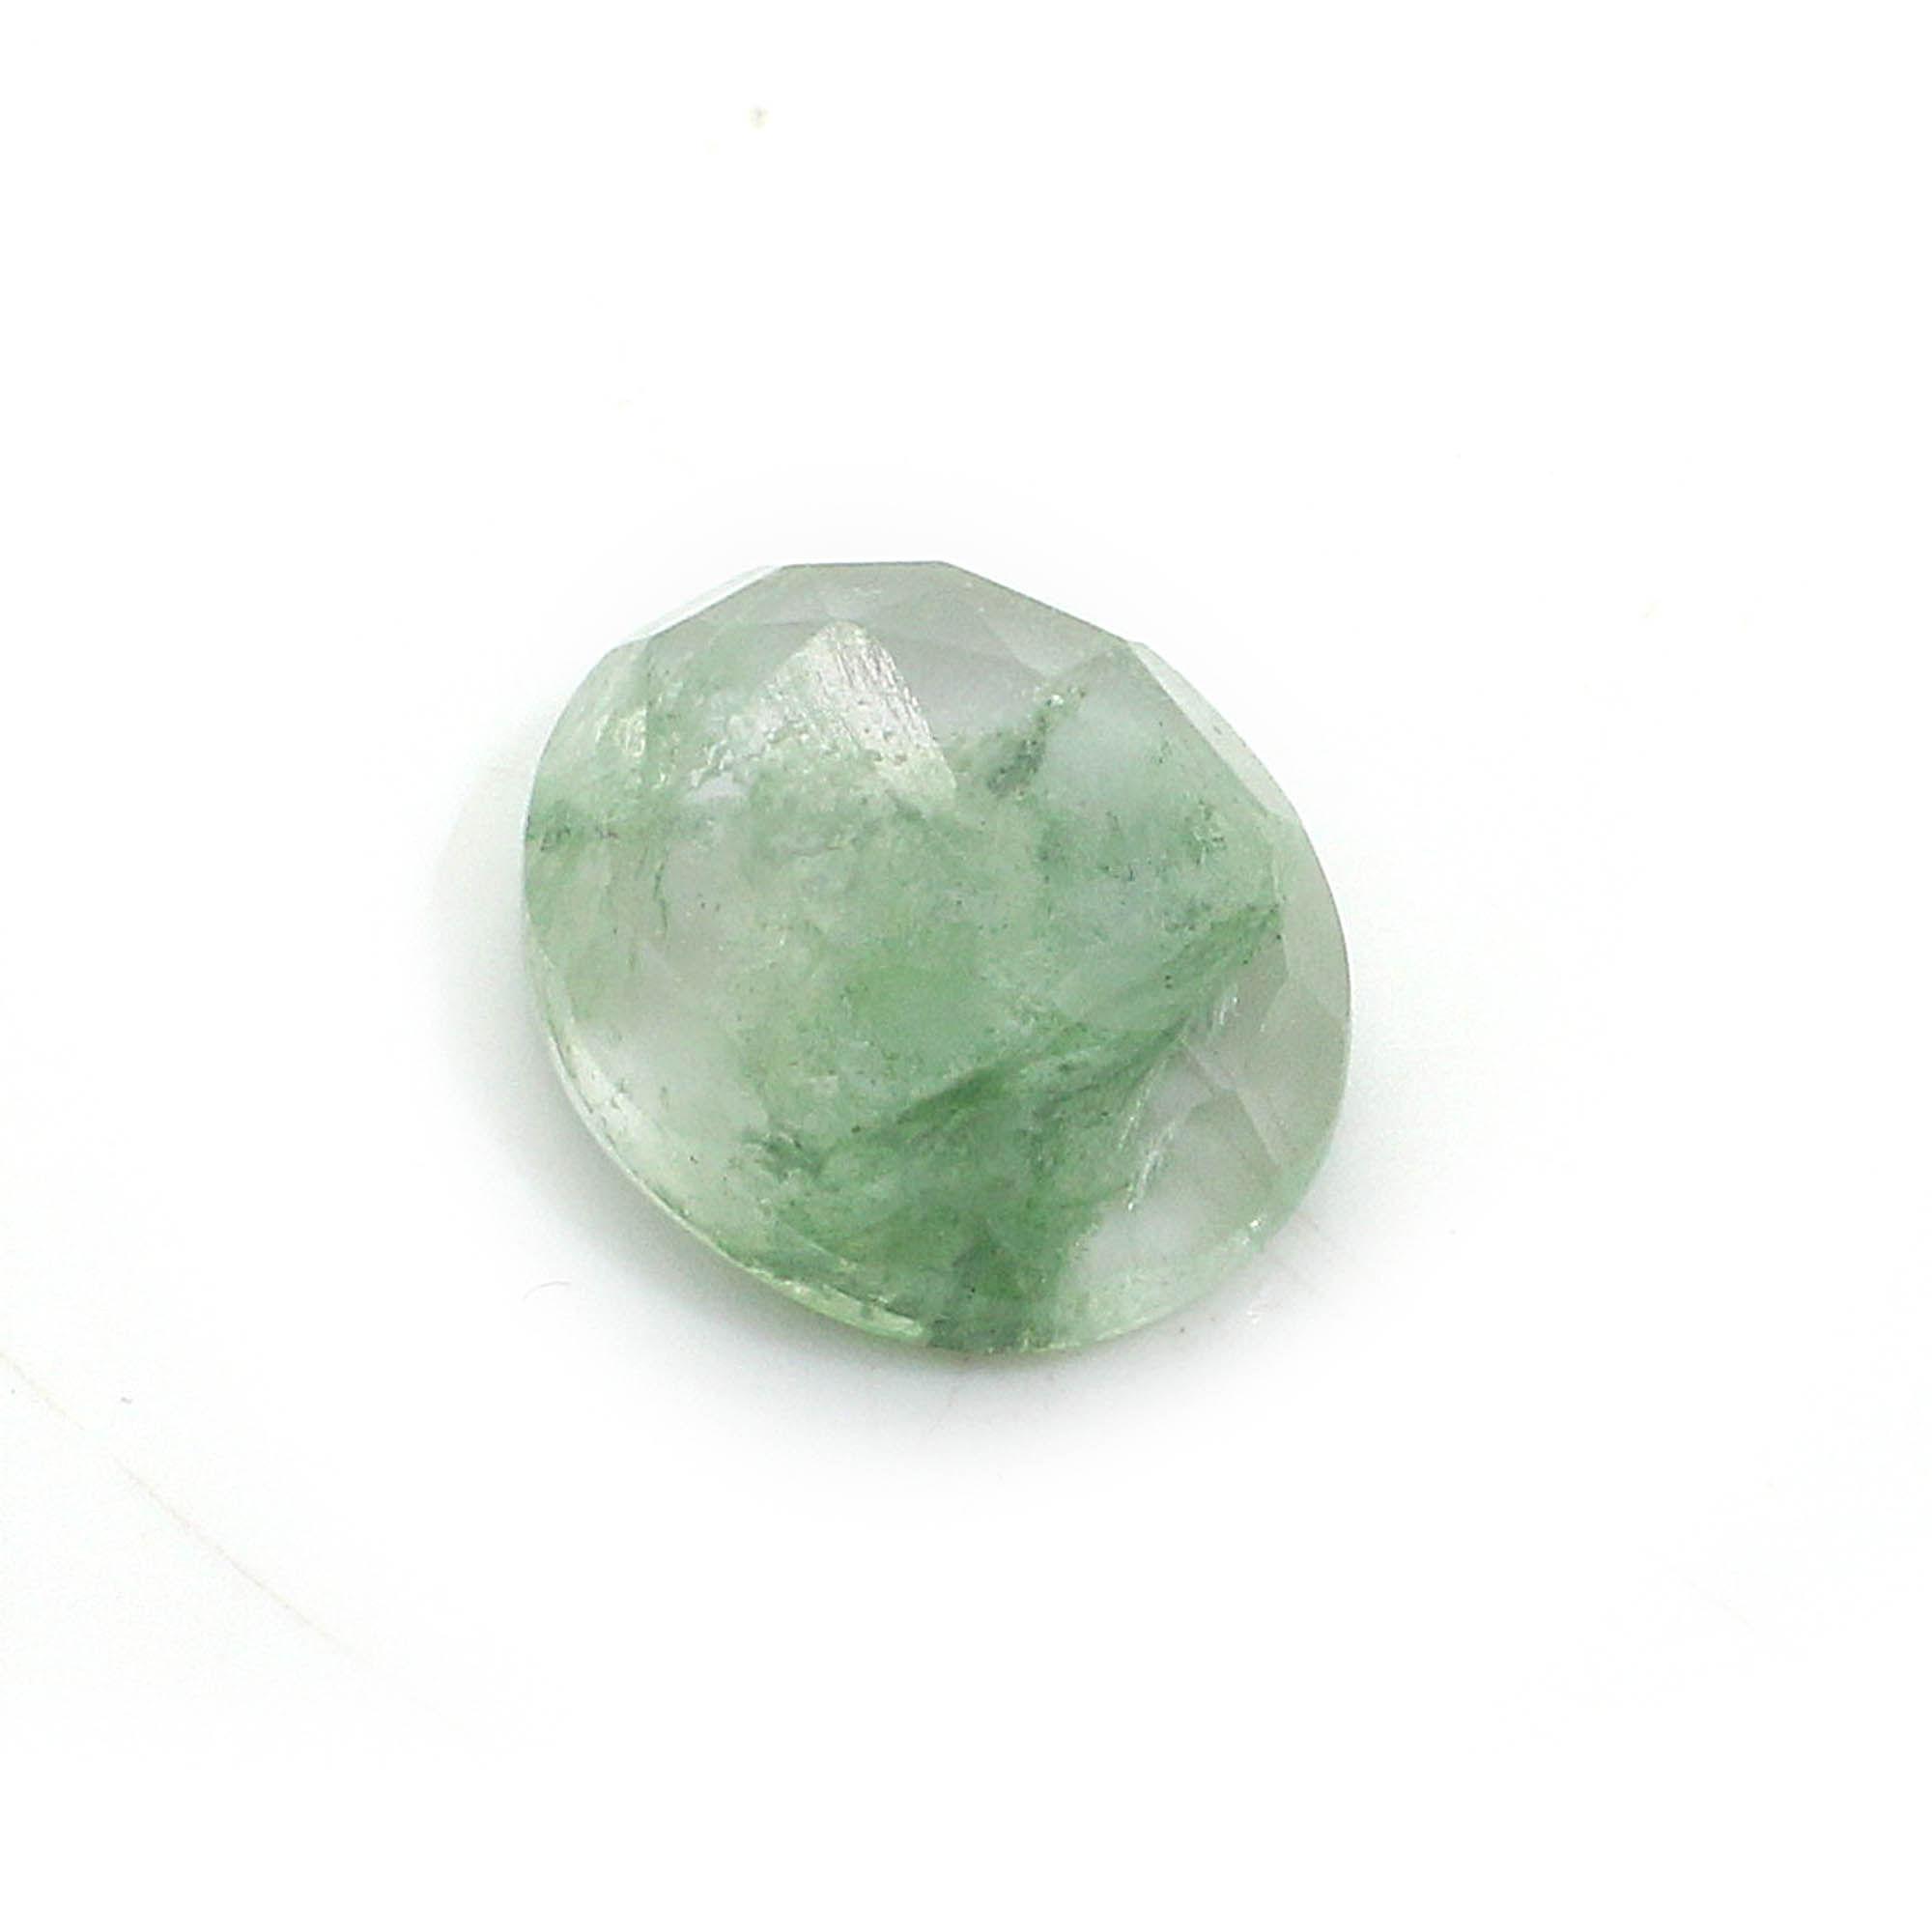 Aqua Crackle Glass 12x10mm Oval Rose Cut 4.05 Cts